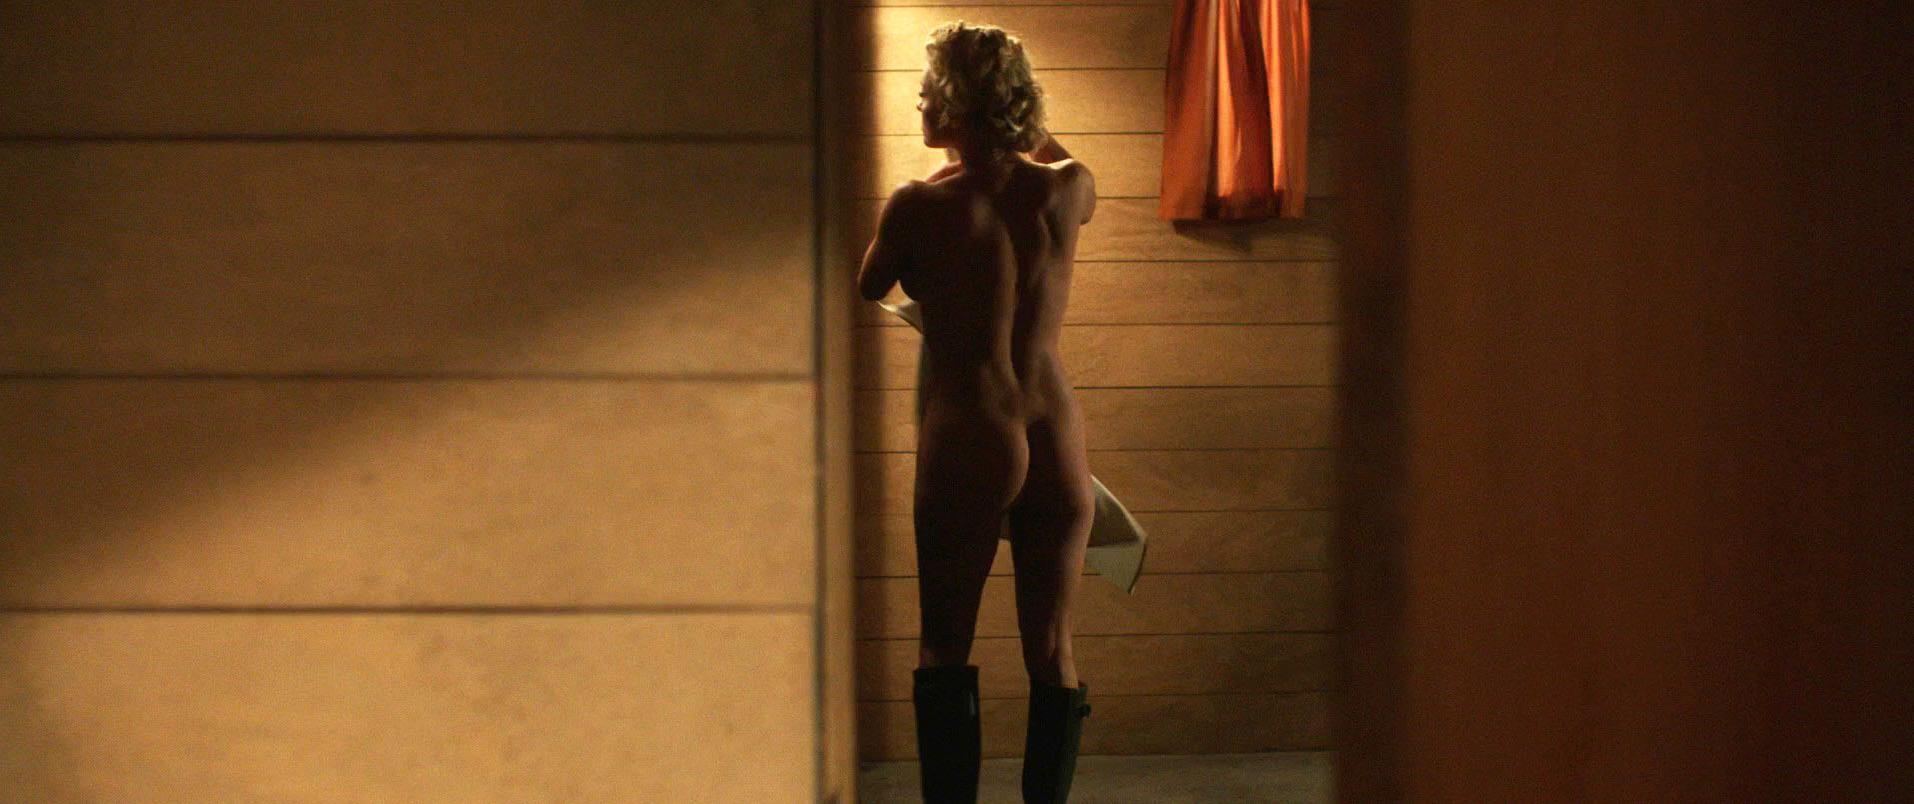 Pamela anderson the people garden nude